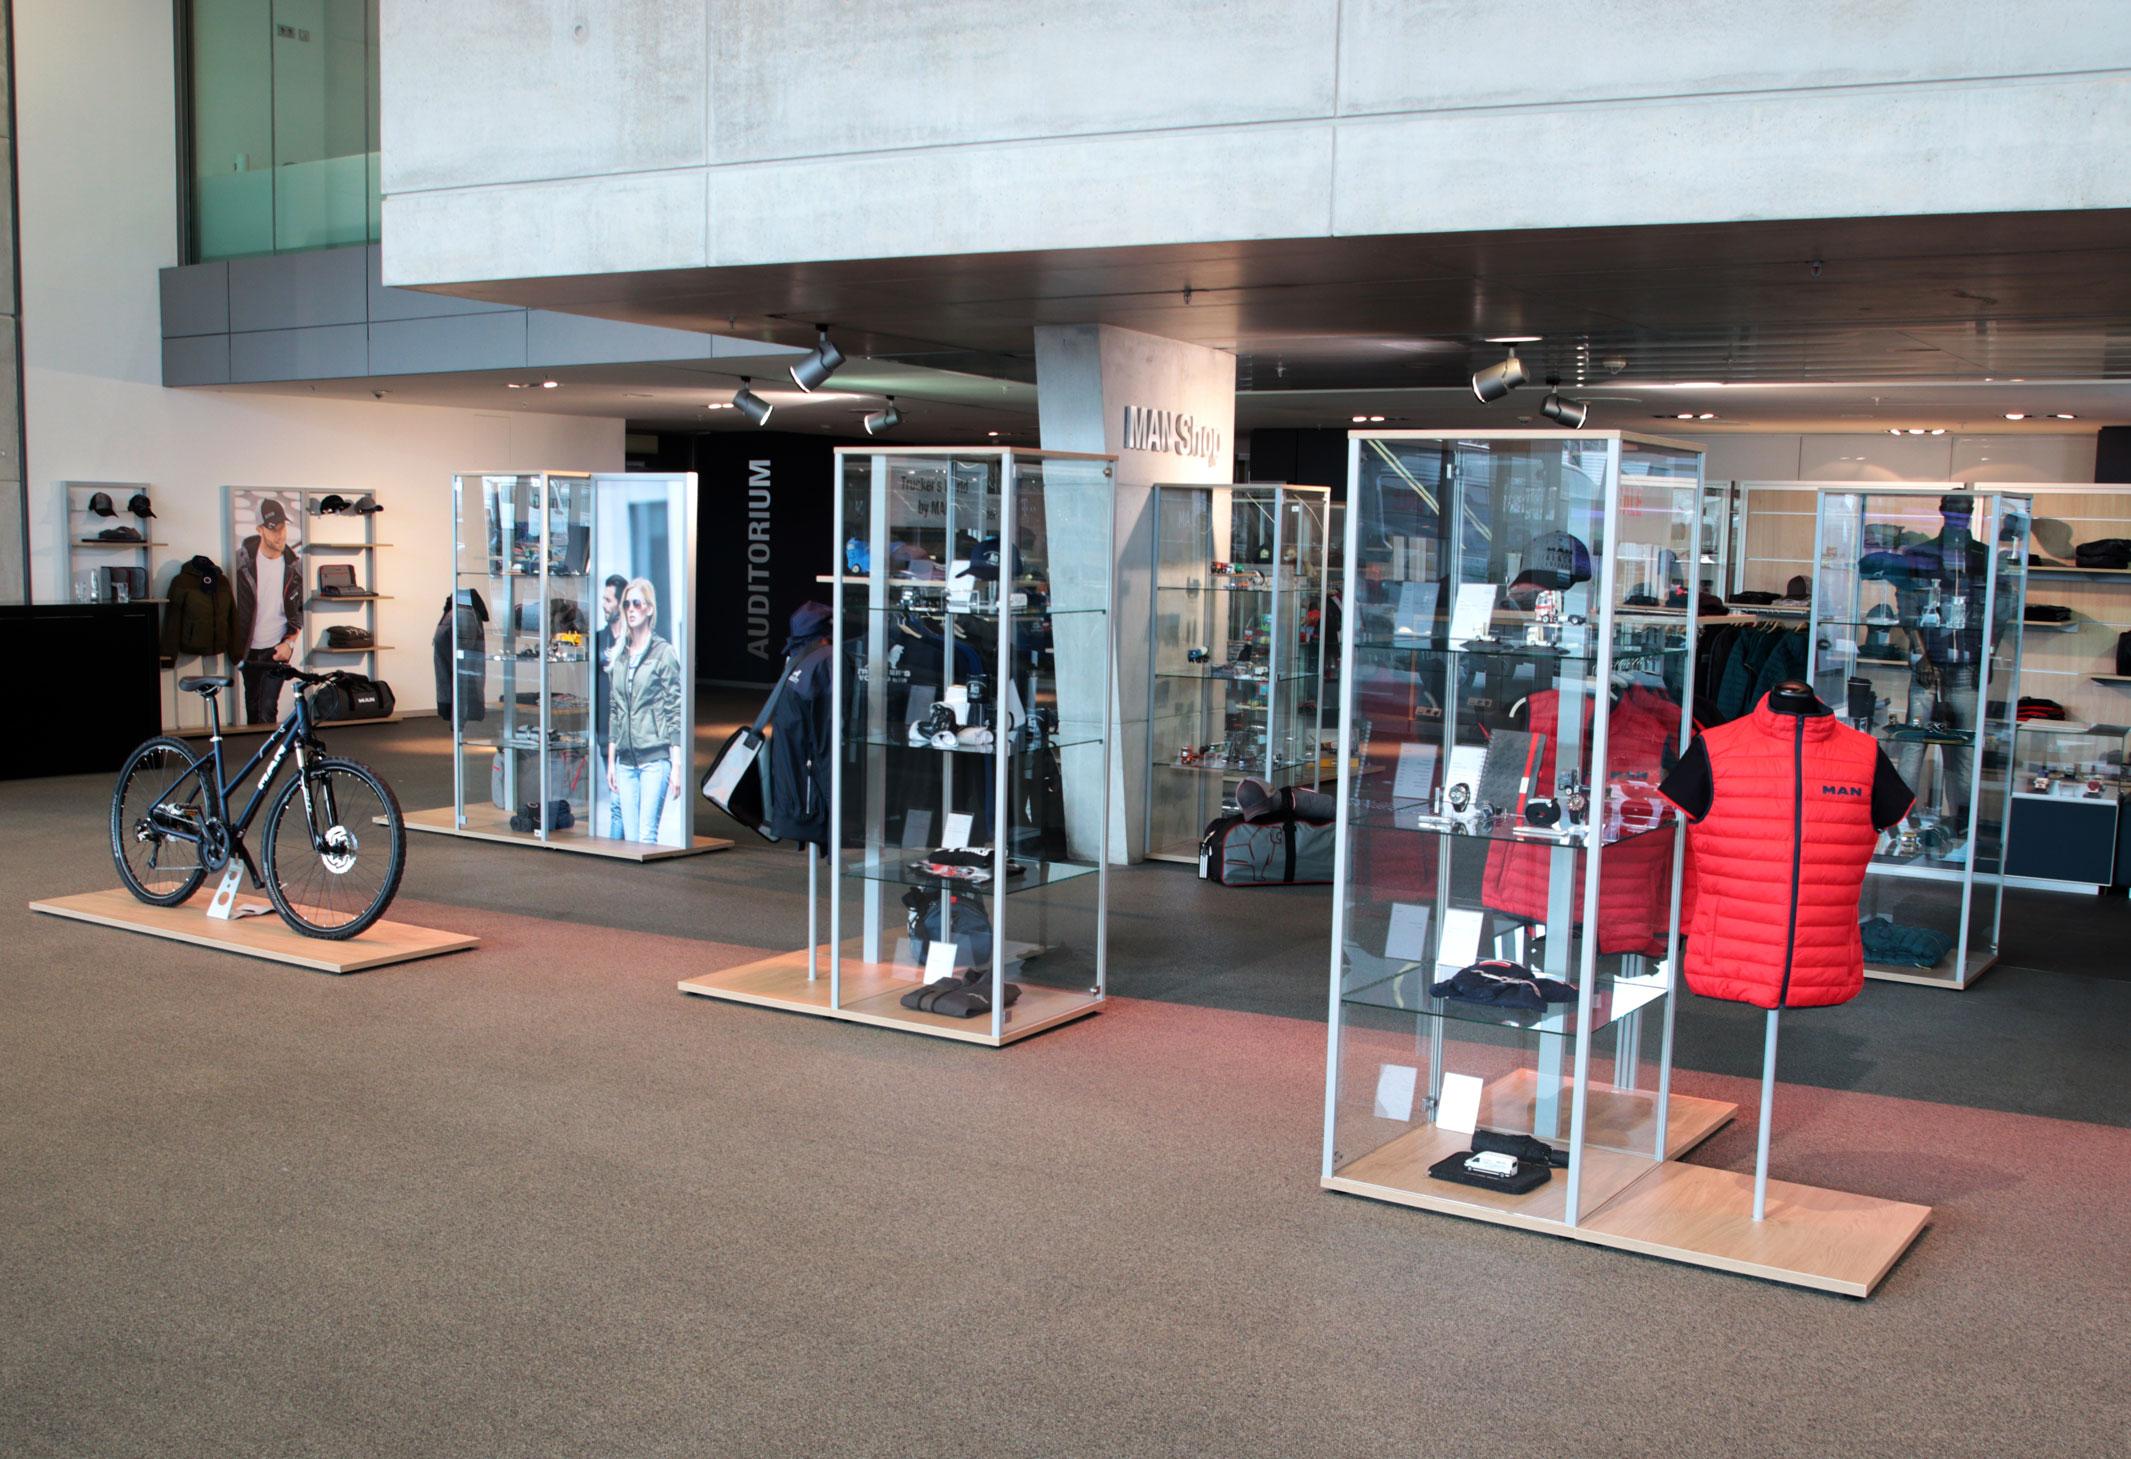 Shop-in-Shop_Erlebniswelt_POS-im-Einzelhandel_Pop-up-store_Systemlösung_1